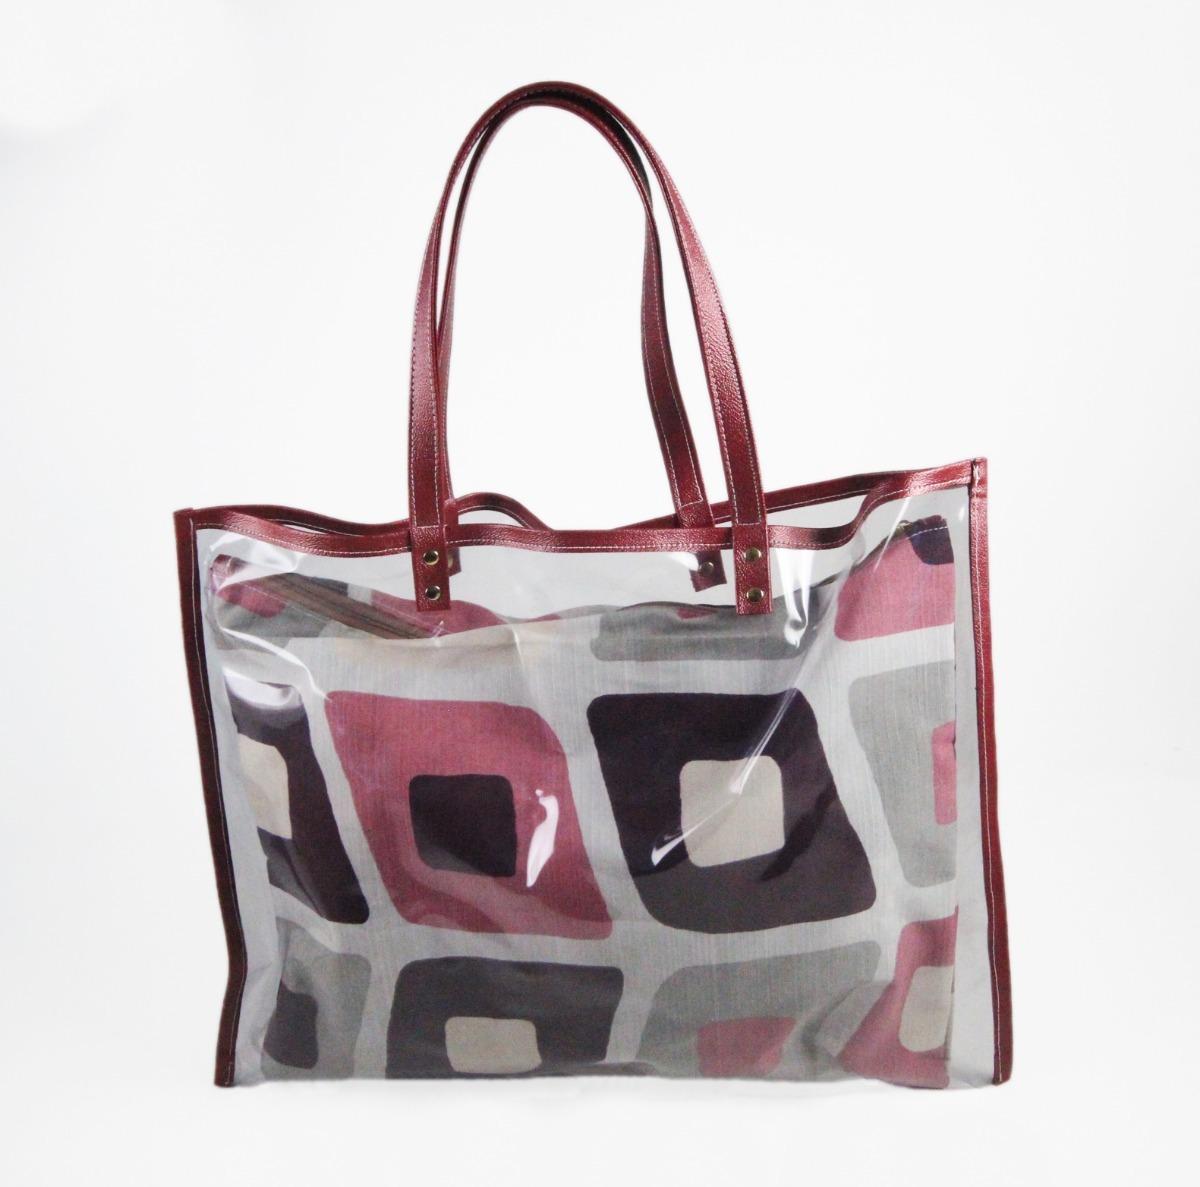 7d9345a49 bolsa feminina moda praia plástico transp sacola alça ombro. Carregando  zoom.